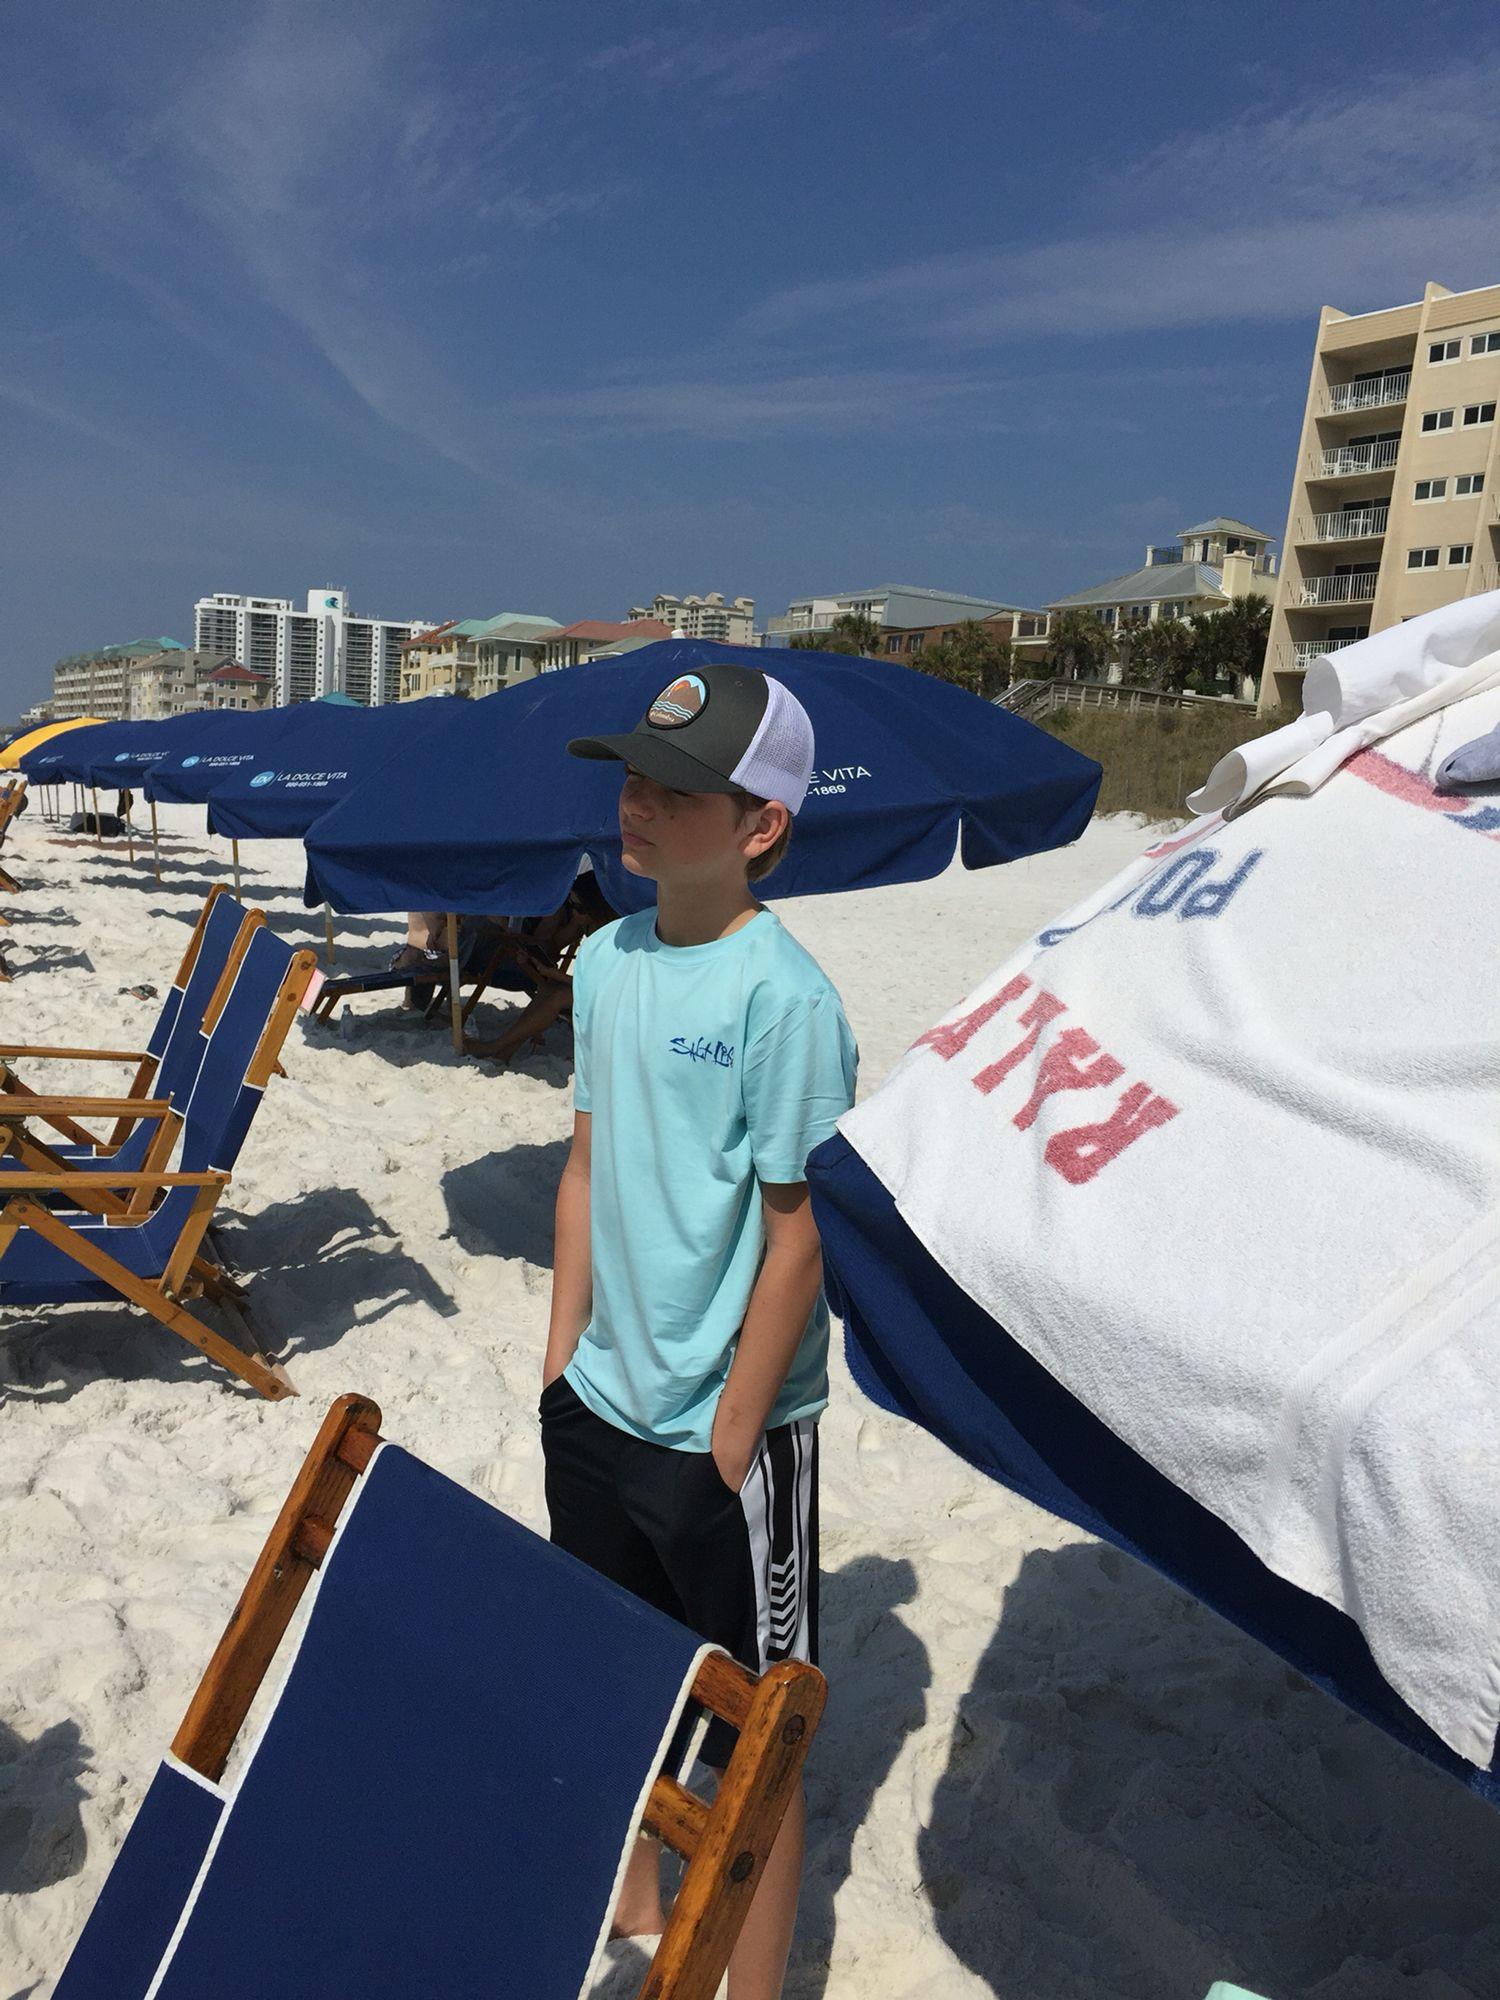 Beach chairs Beach house condos